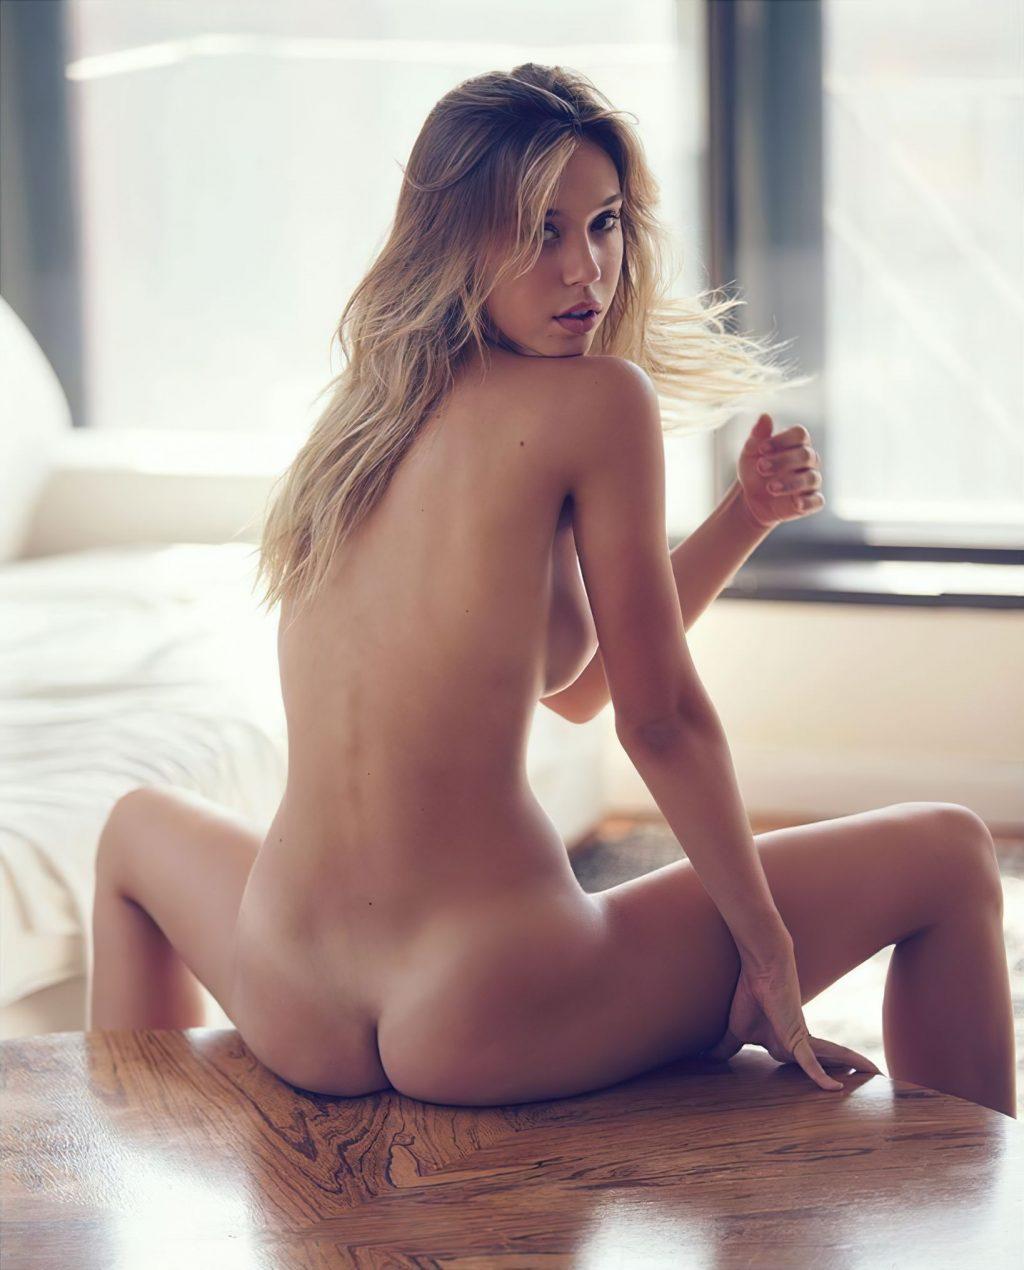 Alexis Ren Nude (1 Hot Photo)